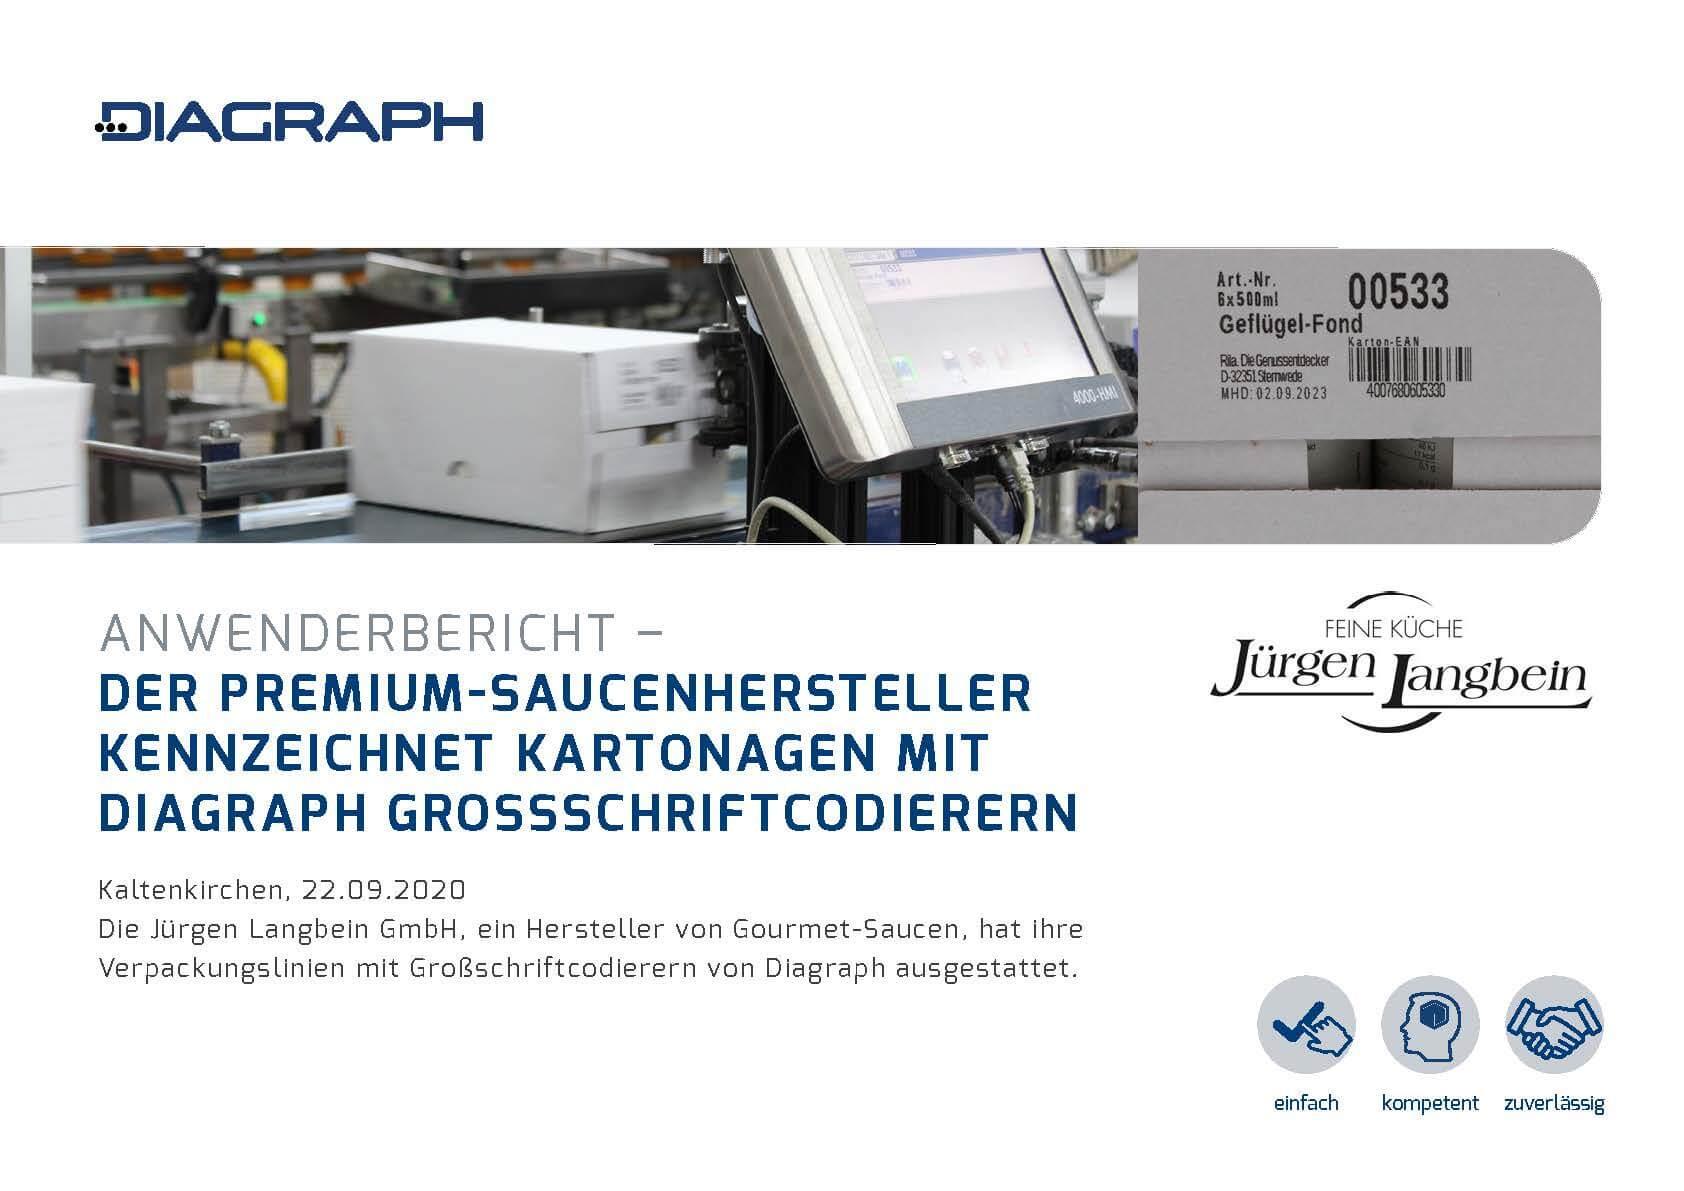 Anwenderbericht-2021-06-16-14-00-Juergen_Langbein-WEB_Seite_1